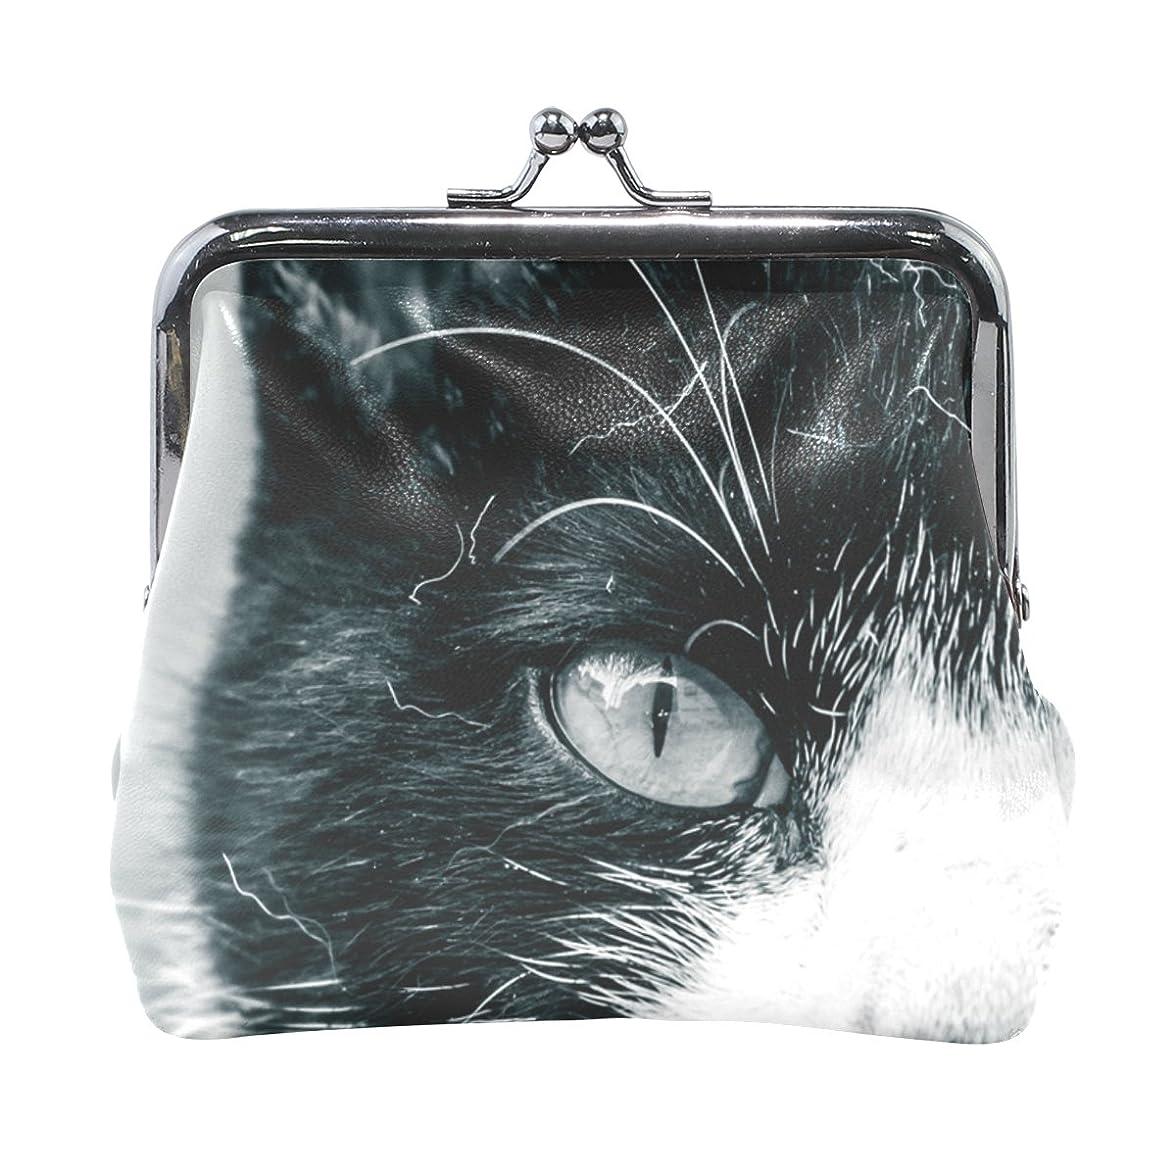 肘投獄嫌がらせAOMOKI 財布 小銭入れ ガマ口 コインケース レザー ねこ タコ 驚く ブチネコ 猫